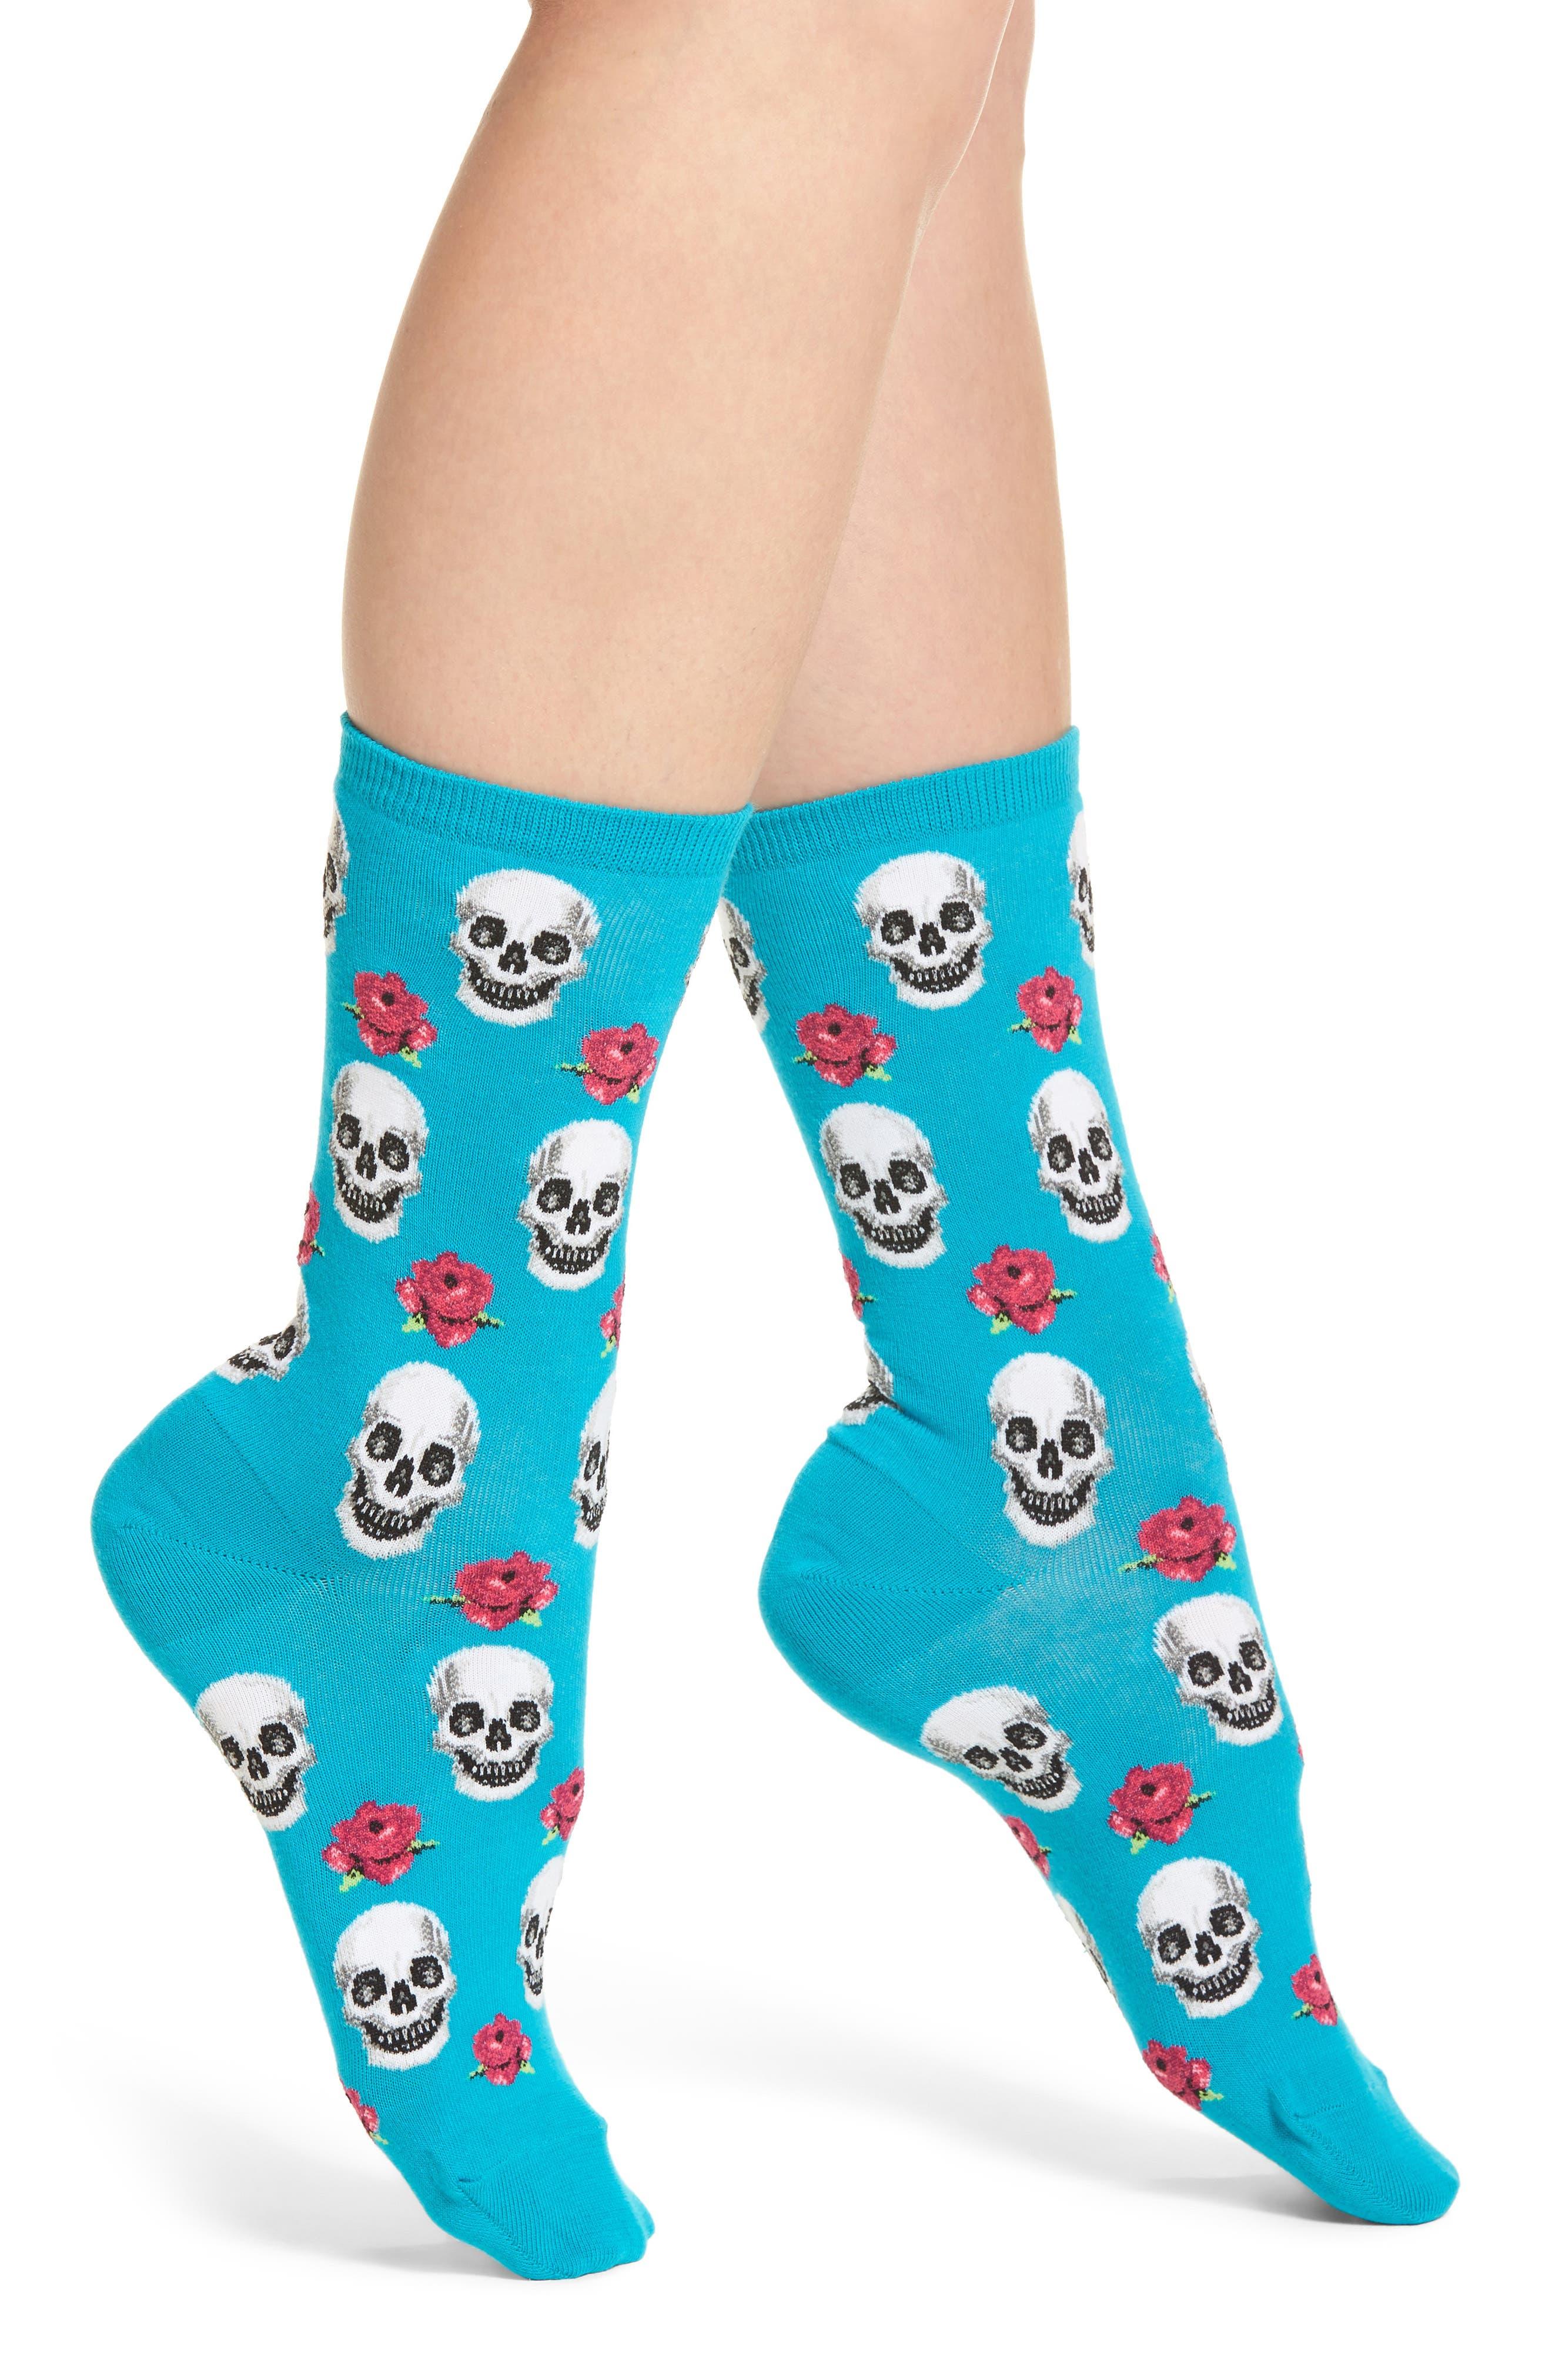 Hot Sox Skull & Roses Crew Socks (3 for $15)